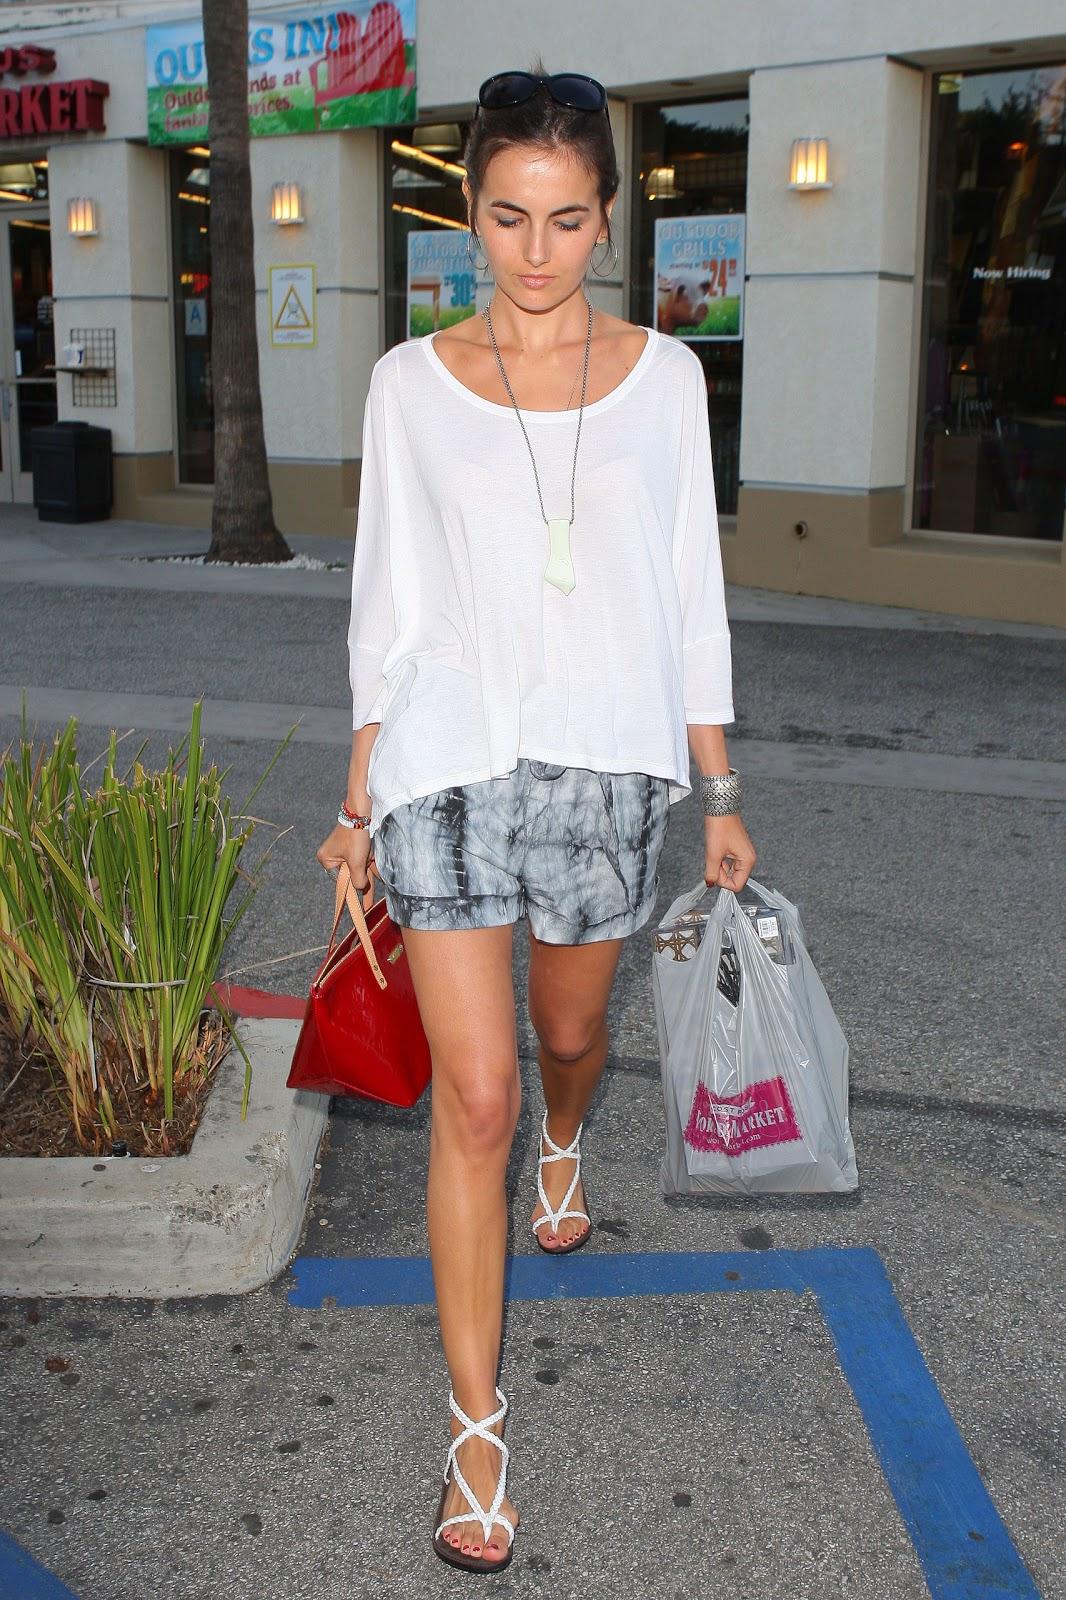 http://2.bp.blogspot.com/-hNeAyHZXI84/TeamCOIJD3I/AAAAAAAAZ5I/Ag4aqtEImhU/s1600/16+red+Camilla+Belle+01.jpg